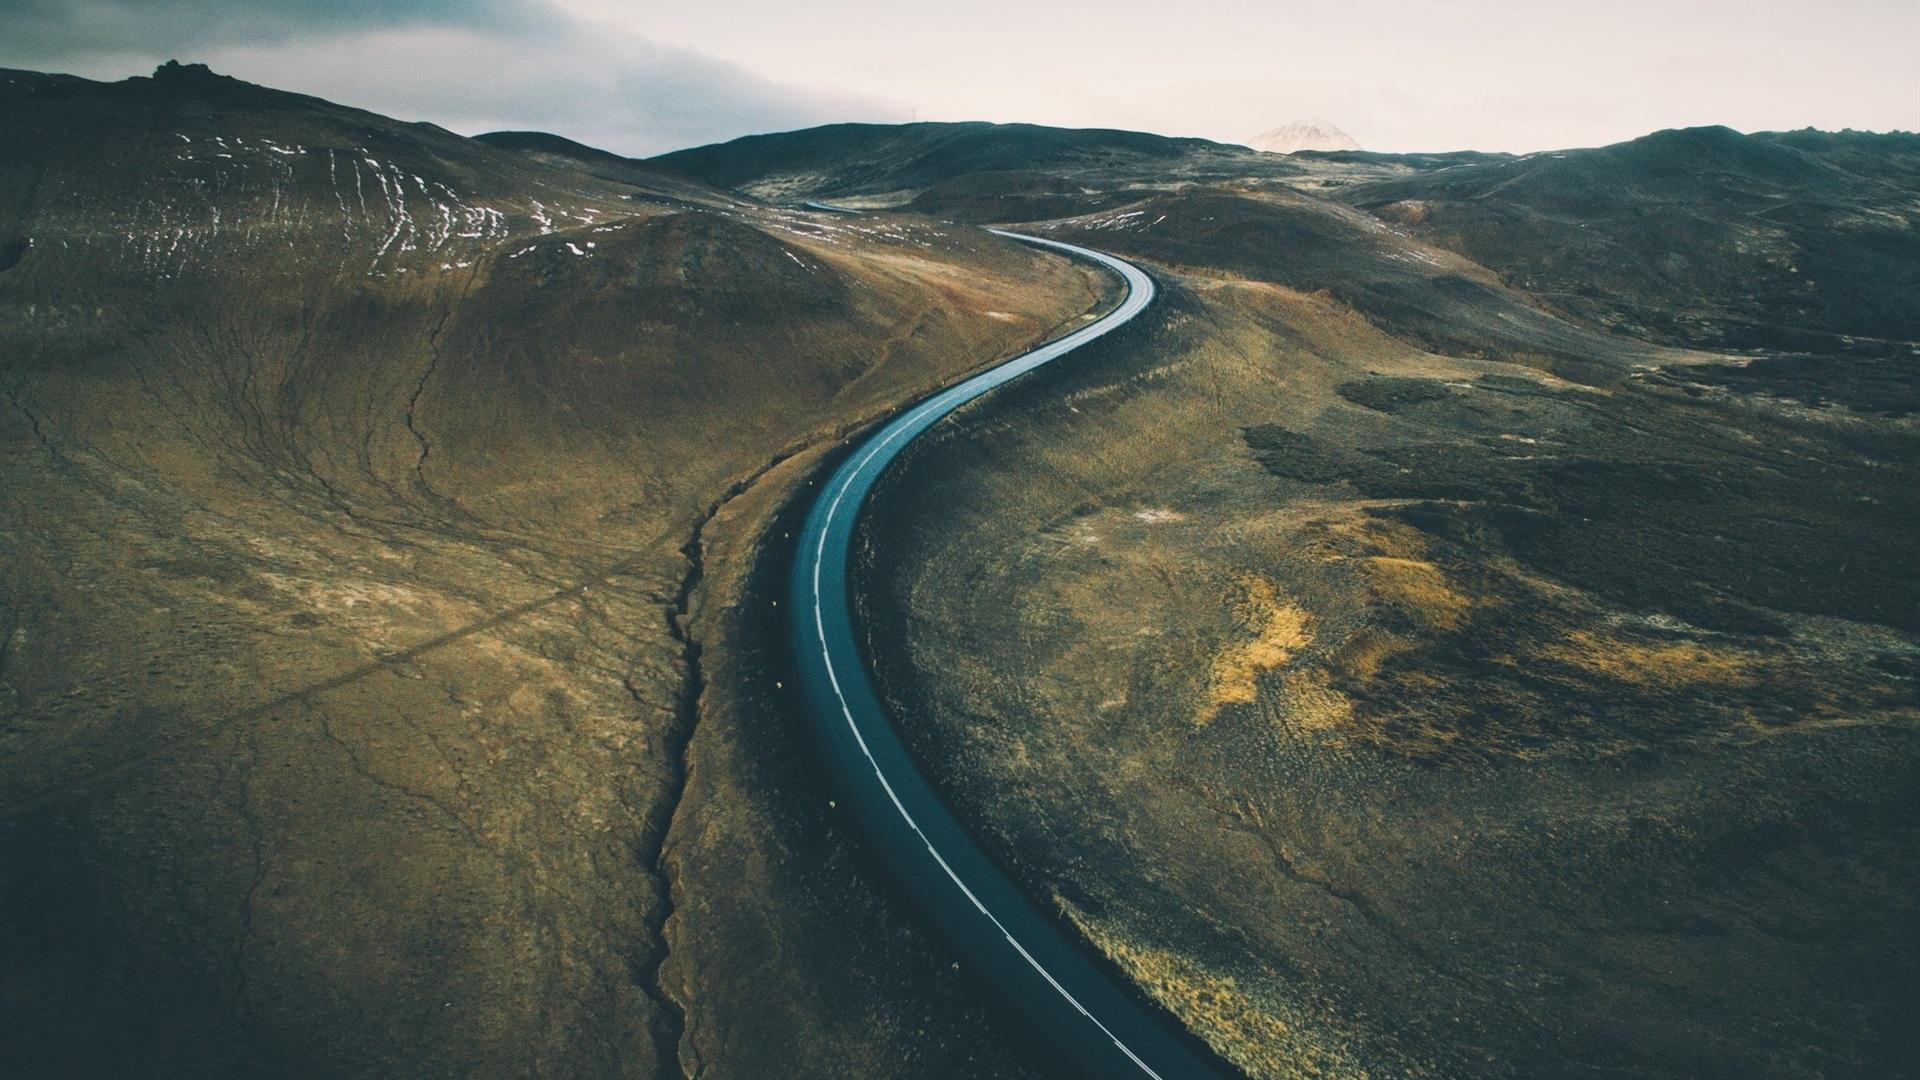 Hd wallpaper road - Road Hills Rift Dusk Wallpaper 1920x1080 Full Hd